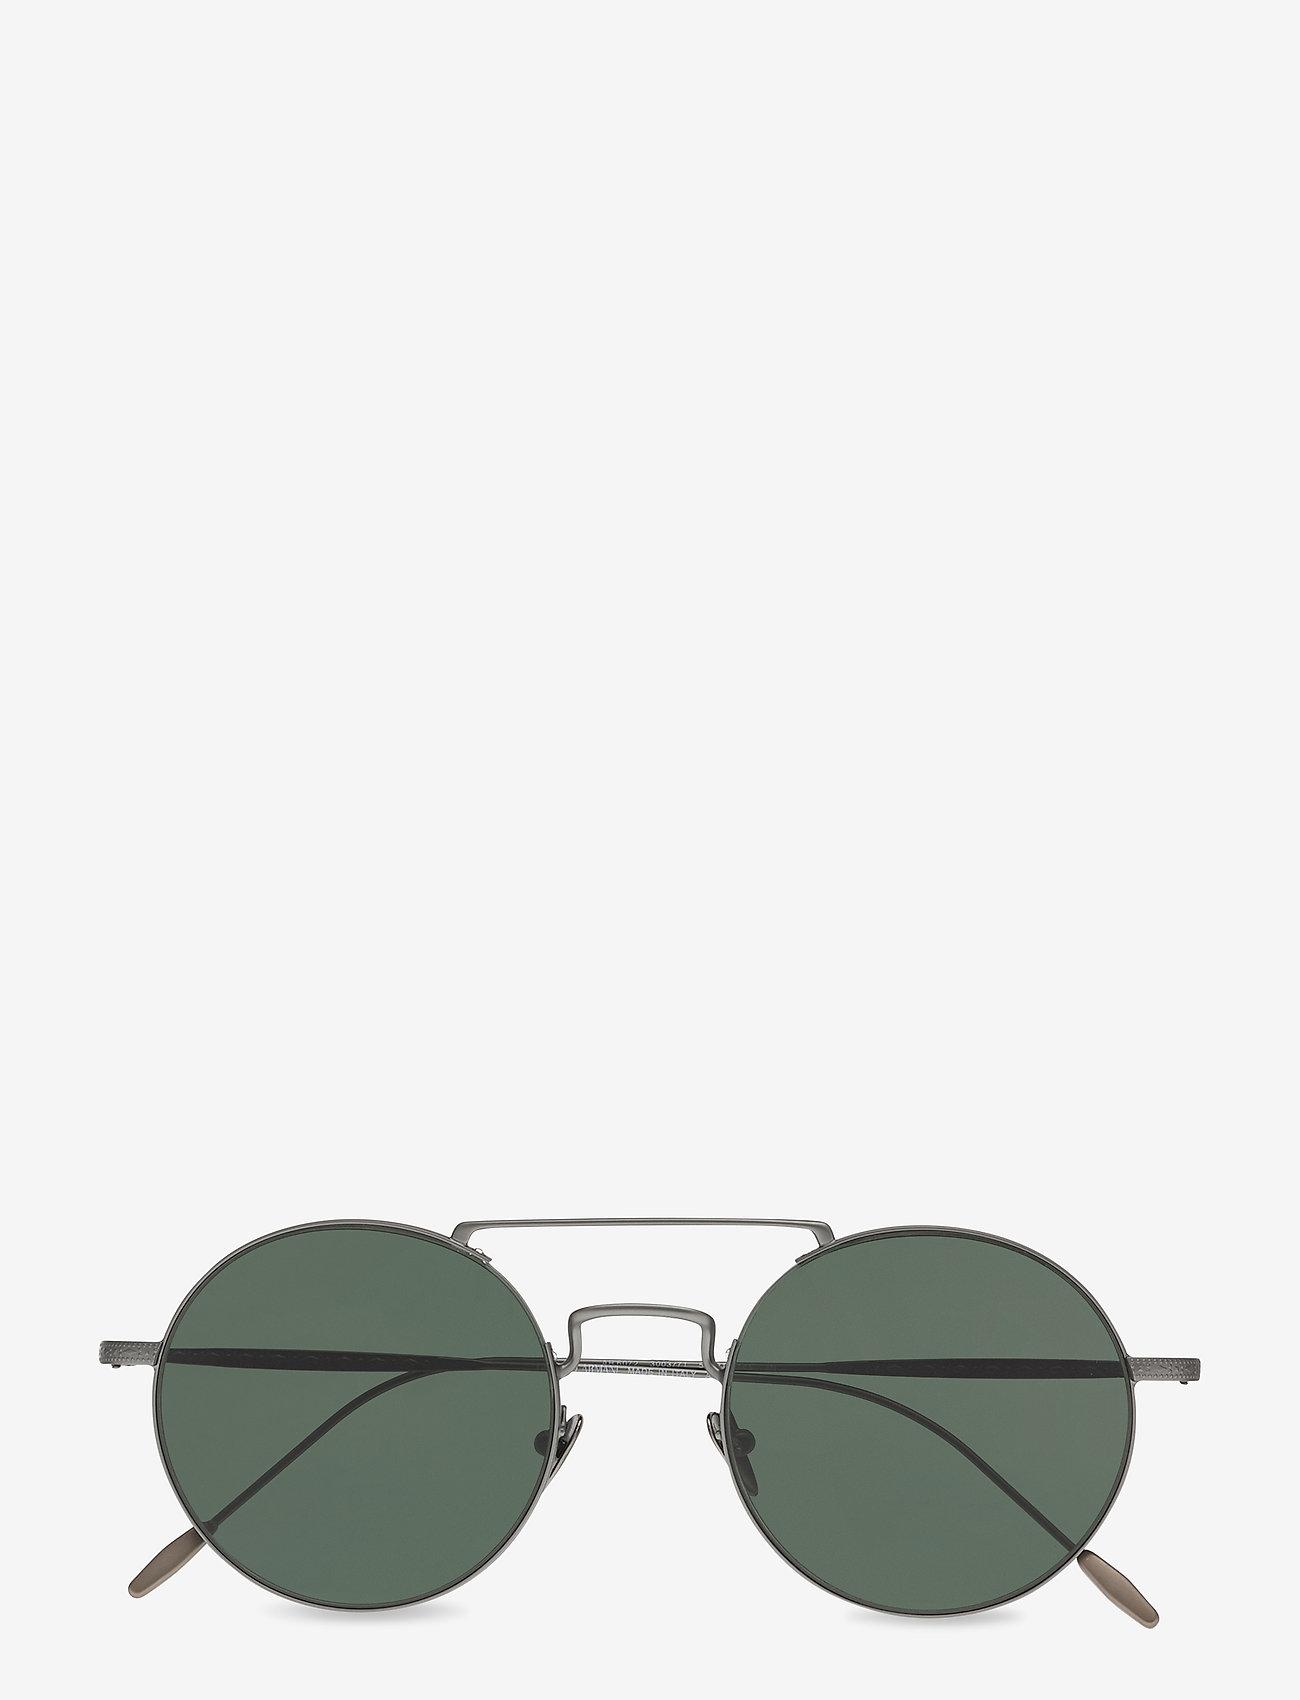 Giorgio Armani Sunglasses - 0AR6072 - rund ramme - matte gunmetal - 0